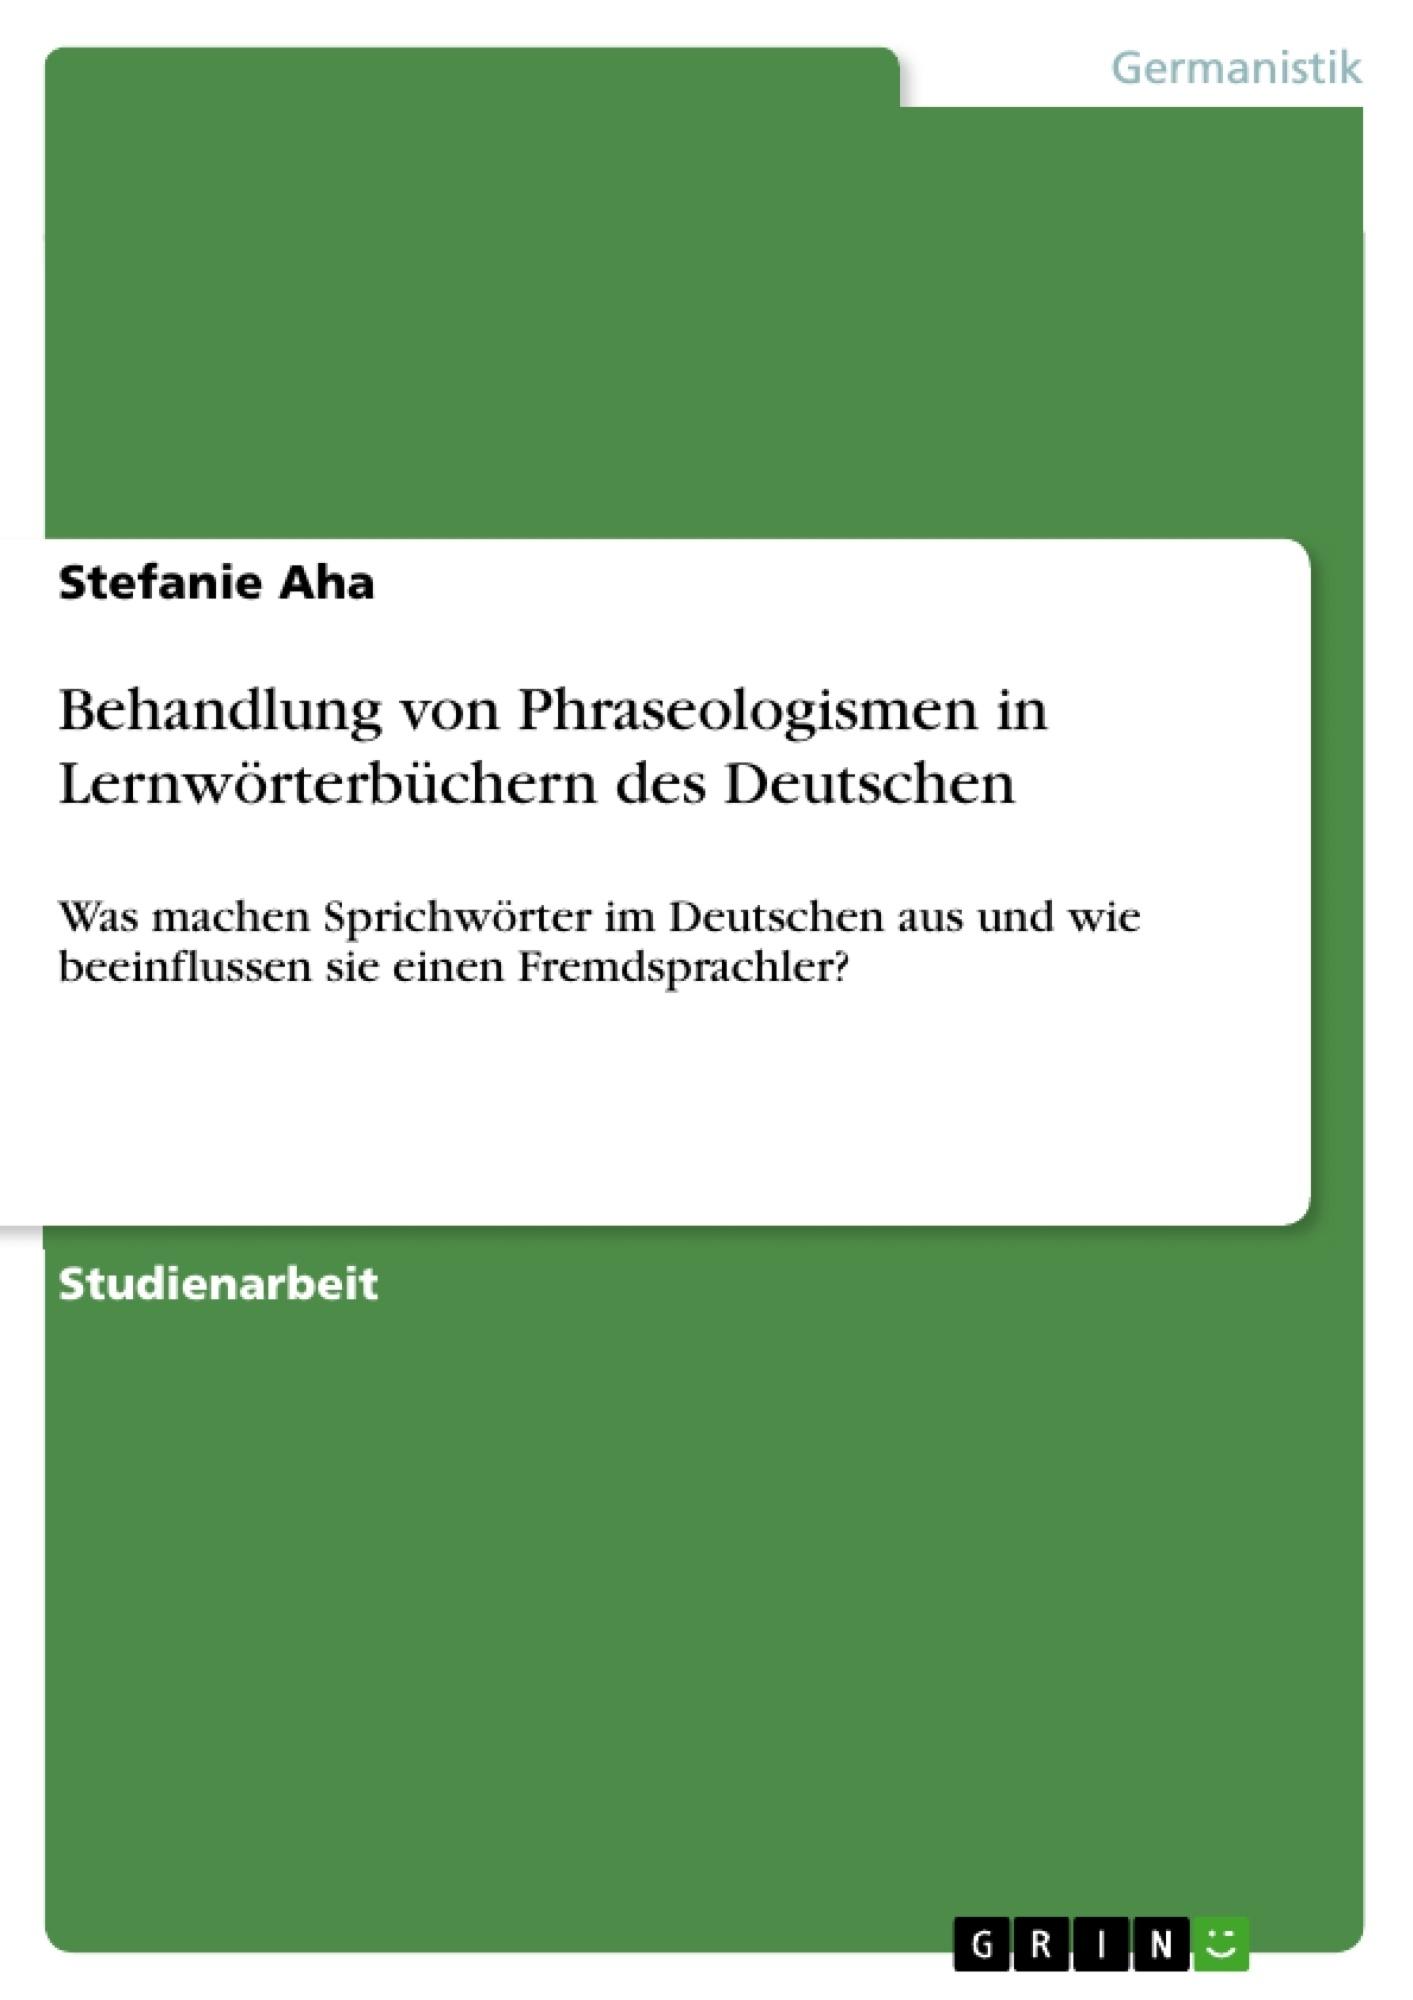 Titel: Behandlung von Phraseologismen in Lernwörterbüchern des Deutschen